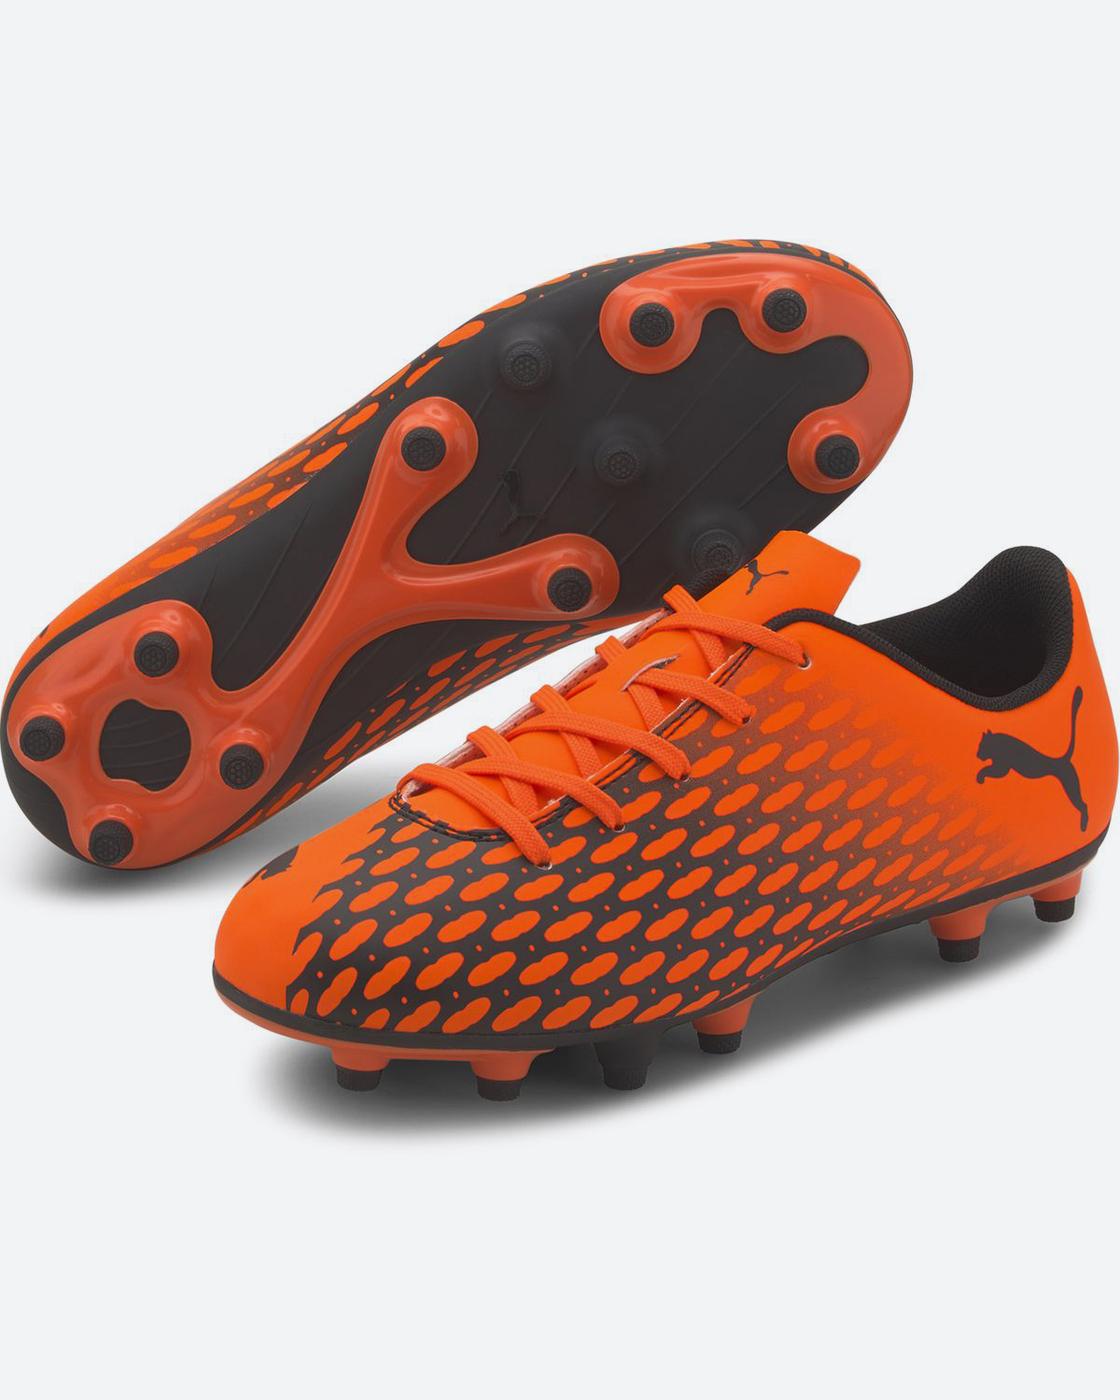 Бутсы Puma Spirit III FG Jr, цвет: оранжевый, черный.10607006. Размер 32